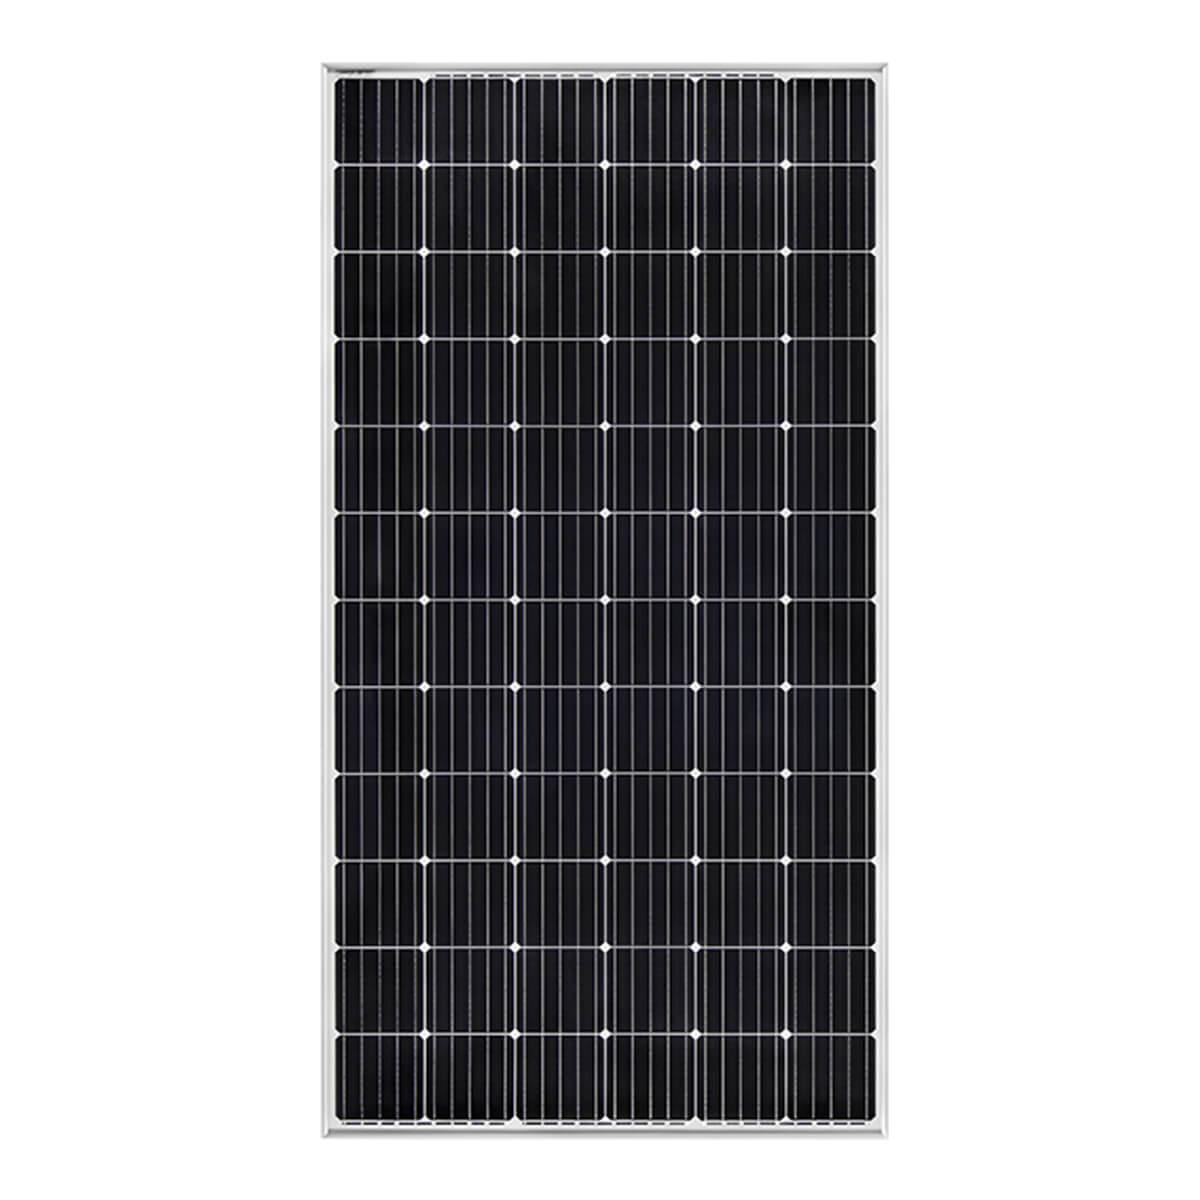 plurawatt 395W panel, plurawatt 395Watt panel, plurawatt 395 W panel, plurawatt 395 Watt panel, plurawatt 395 Watt monokristal panel, plurawatt 395 W watt gunes paneli, plurawatt 395 W watt monokristal gunes paneli, plurawatt 395 W Watt fotovoltaik monokristal solar panel, plurawatt 395W monokristal gunes enerjisi, plurawatt dc-l72-395W panel, PLURAWATT 395 WATT